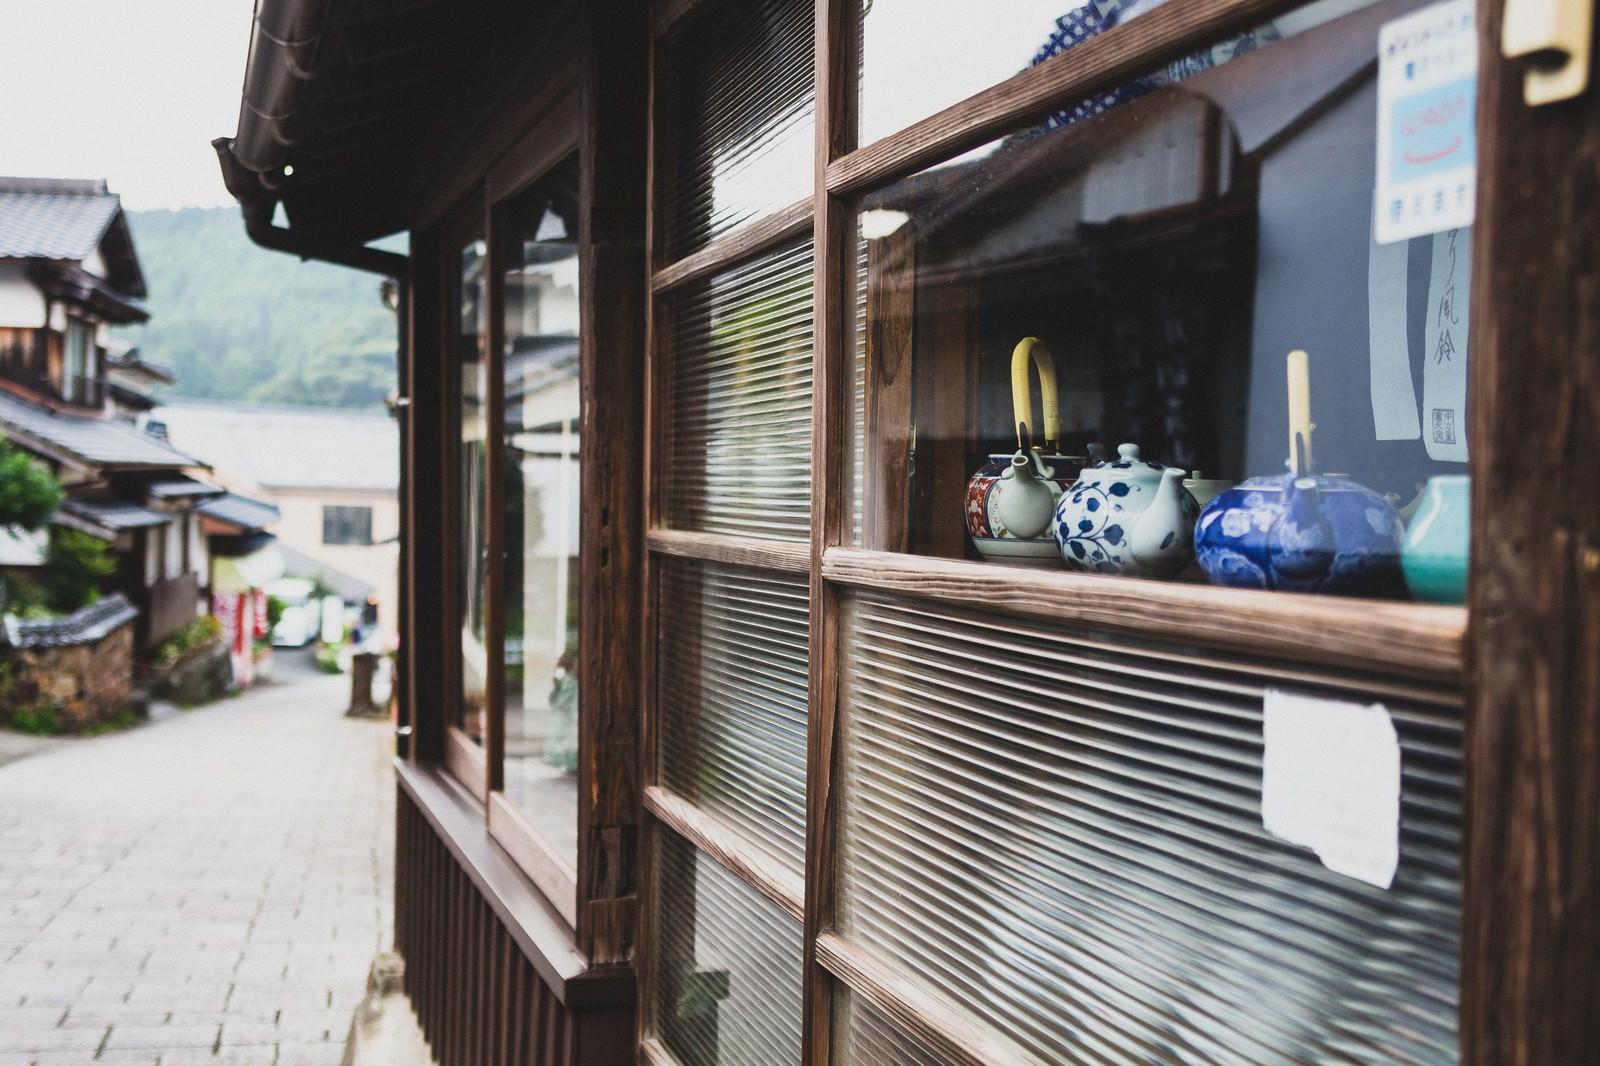 「秘窯の里「大川内山」のお店秘窯の里「大川内山」のお店」のフリー写真素材を拡大